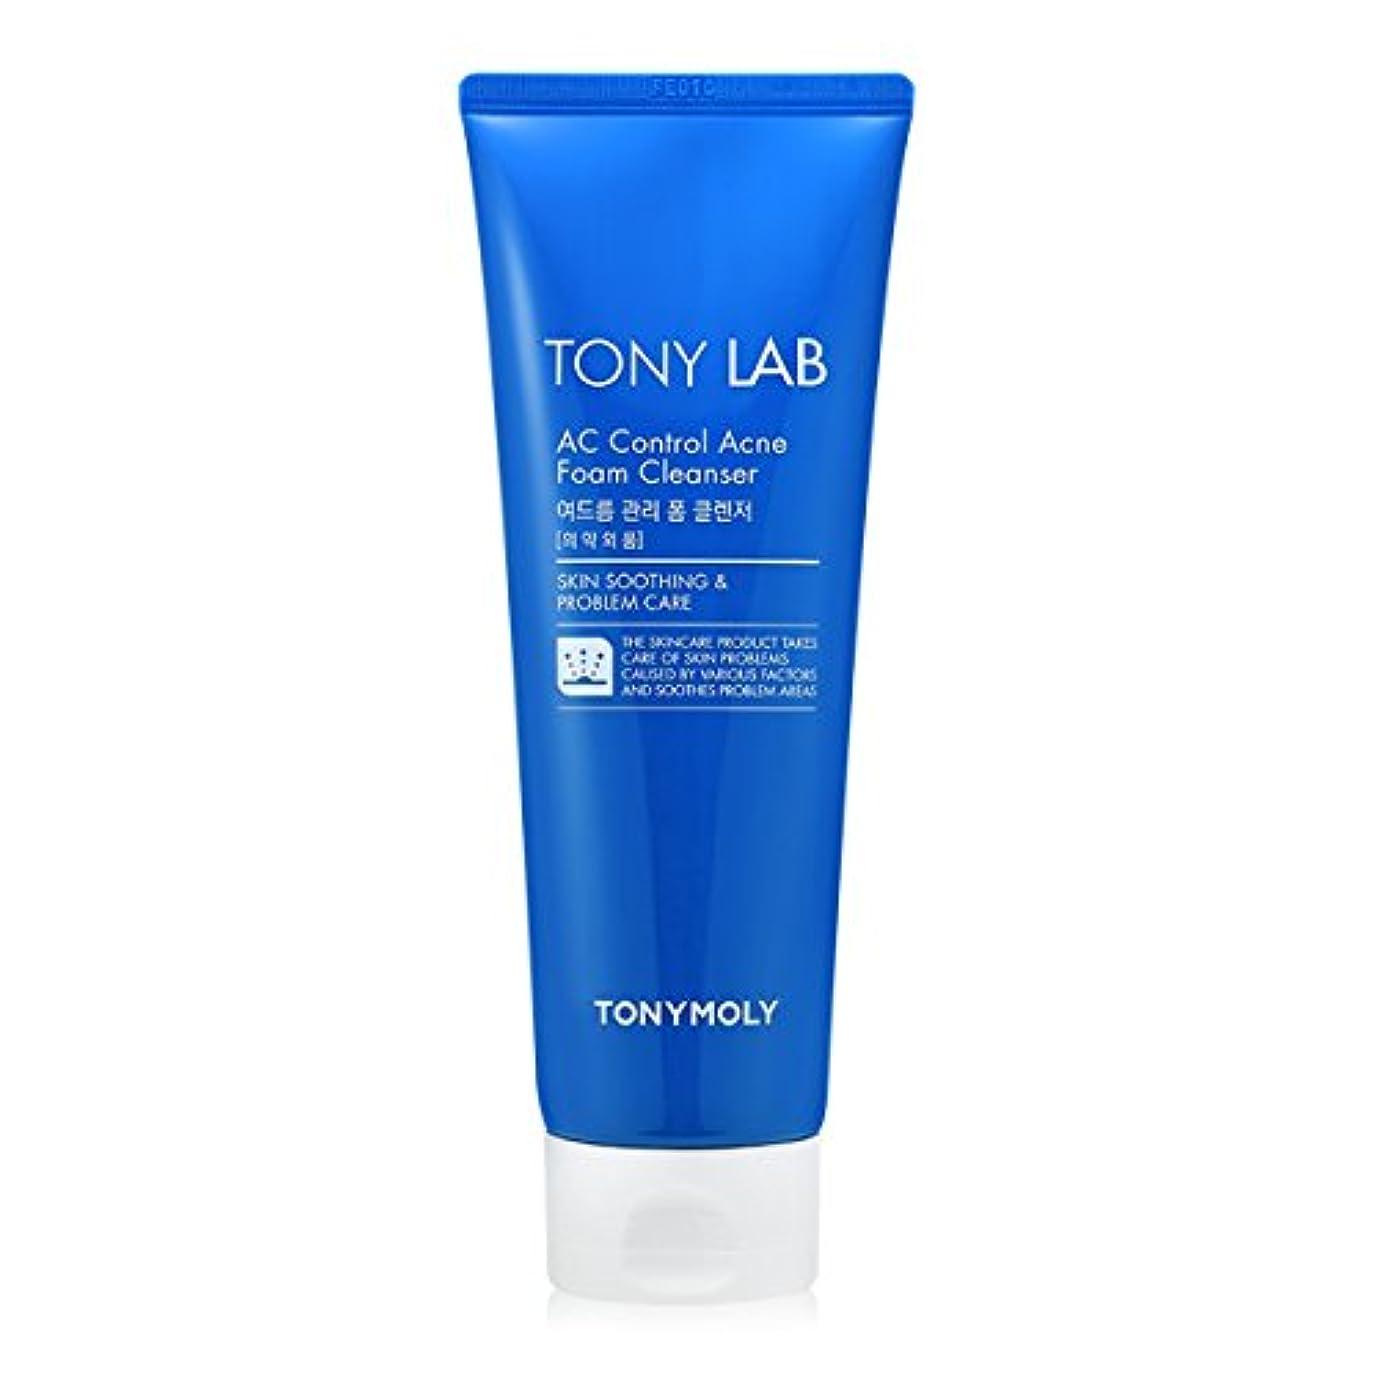 シャイニング近代化するドット[New] TONYMOLY Tony Lab AC Control Acne Foam Cleanser 150ml/トニーモリー トニー ラボ AC コントロール アクネ フォーム クレンザー 150ml [並行輸入品]